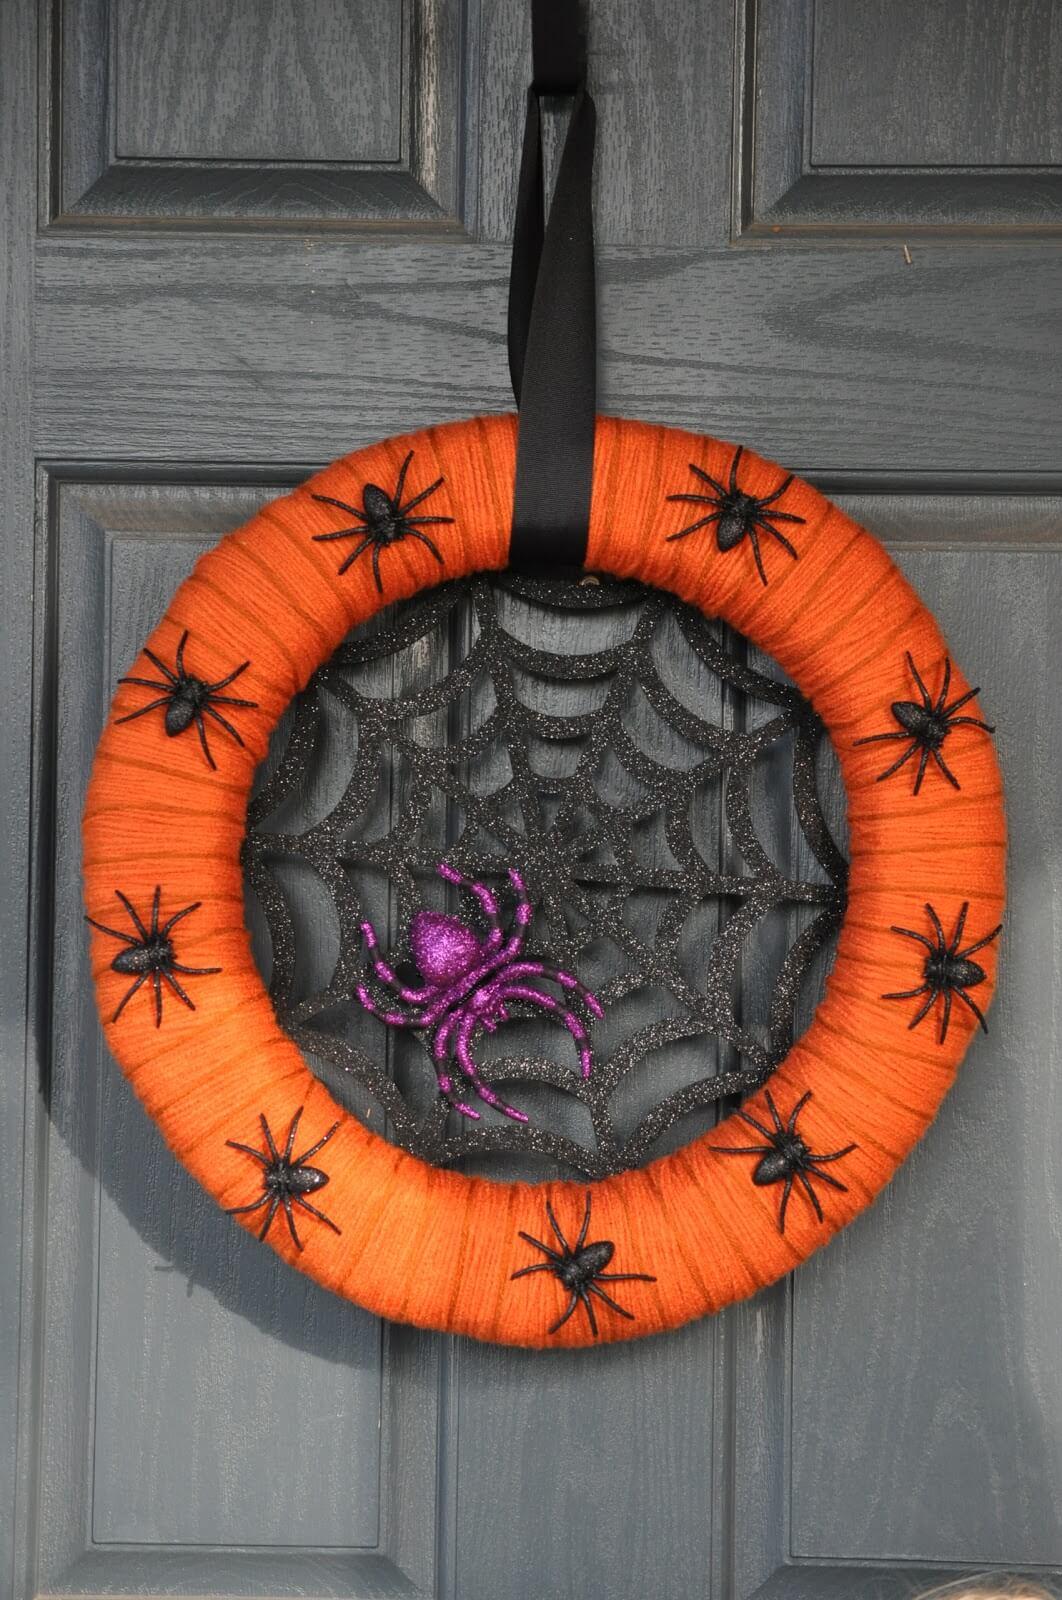 A Spider's Nest Halloween Wreath